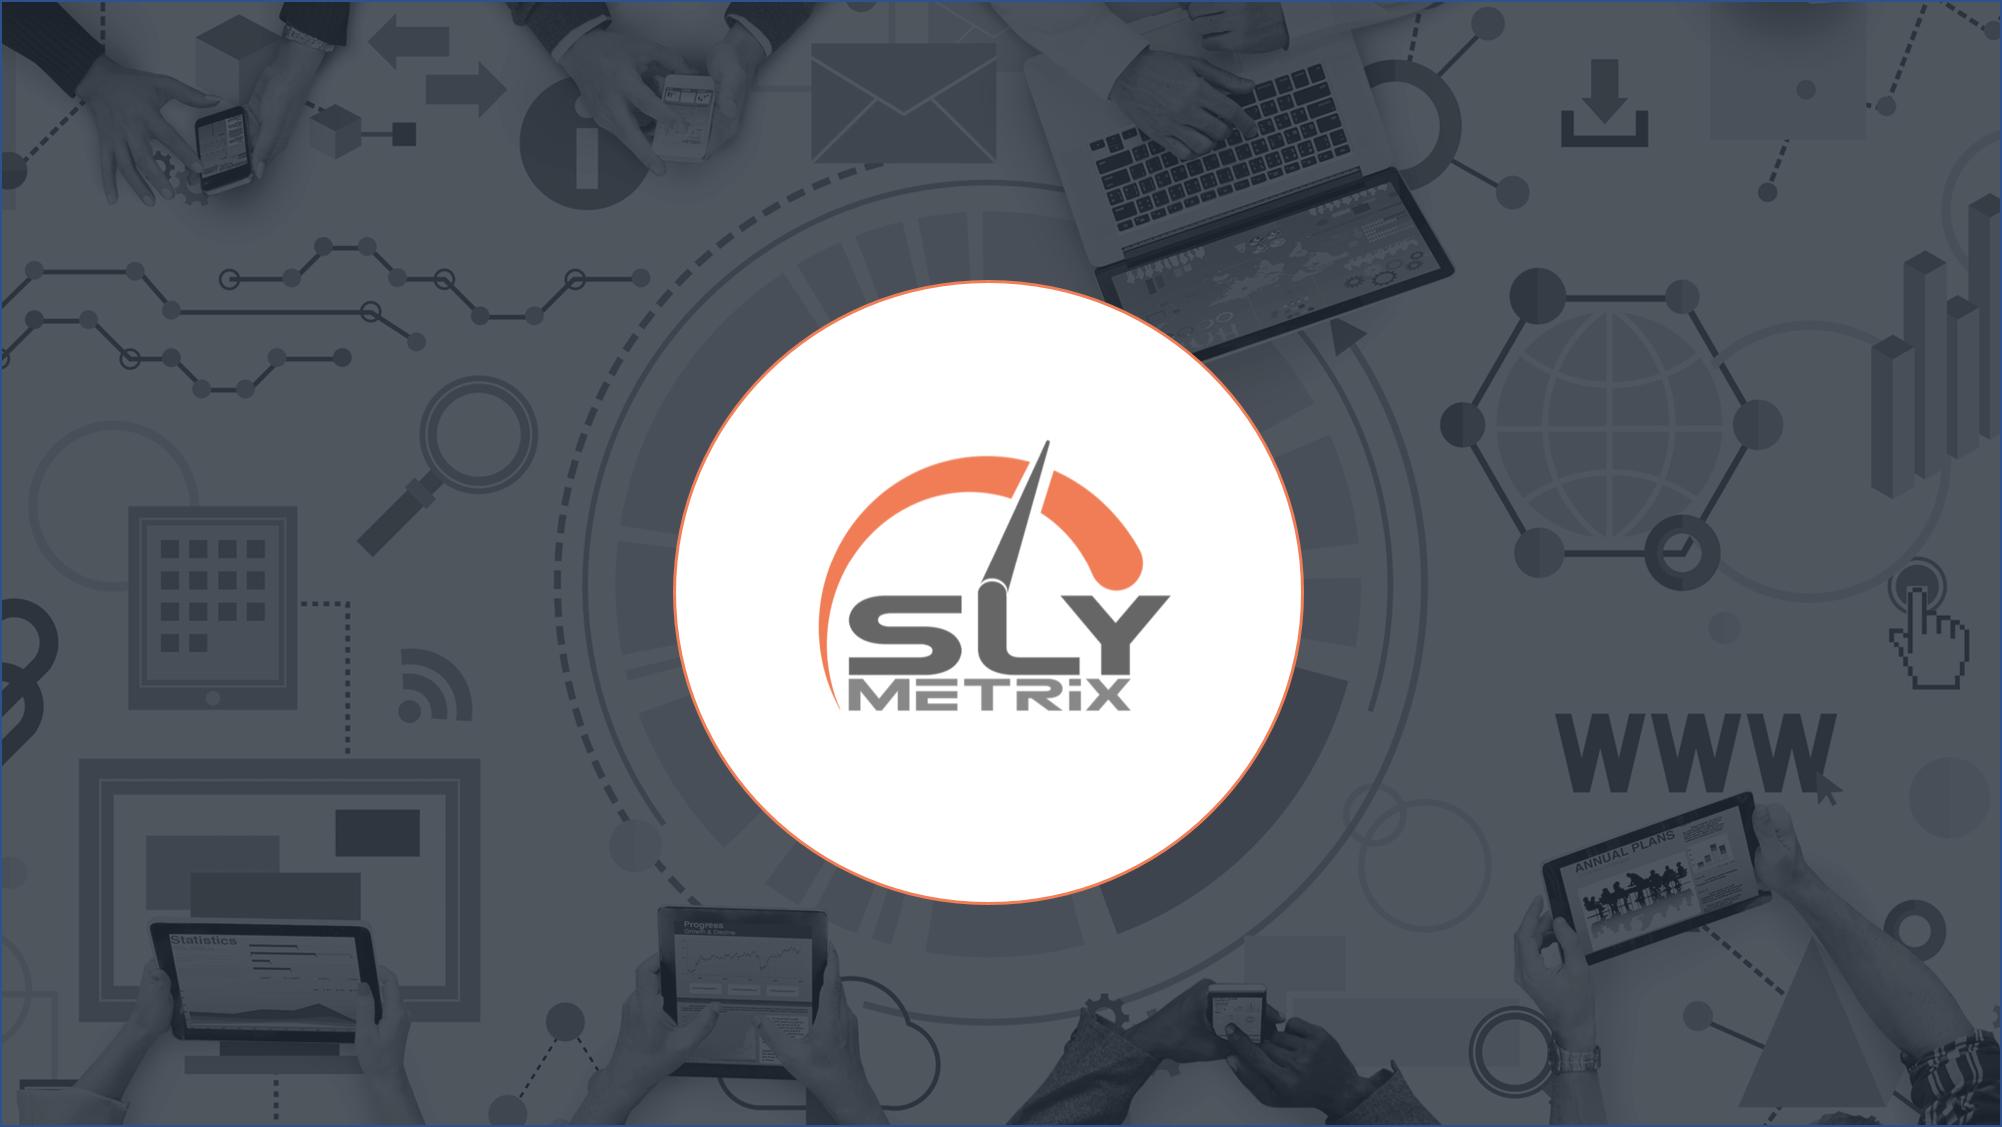 Slymetrix selezionata da LUISS EnLabs, il Programma di Accelerazione di LVenture Group